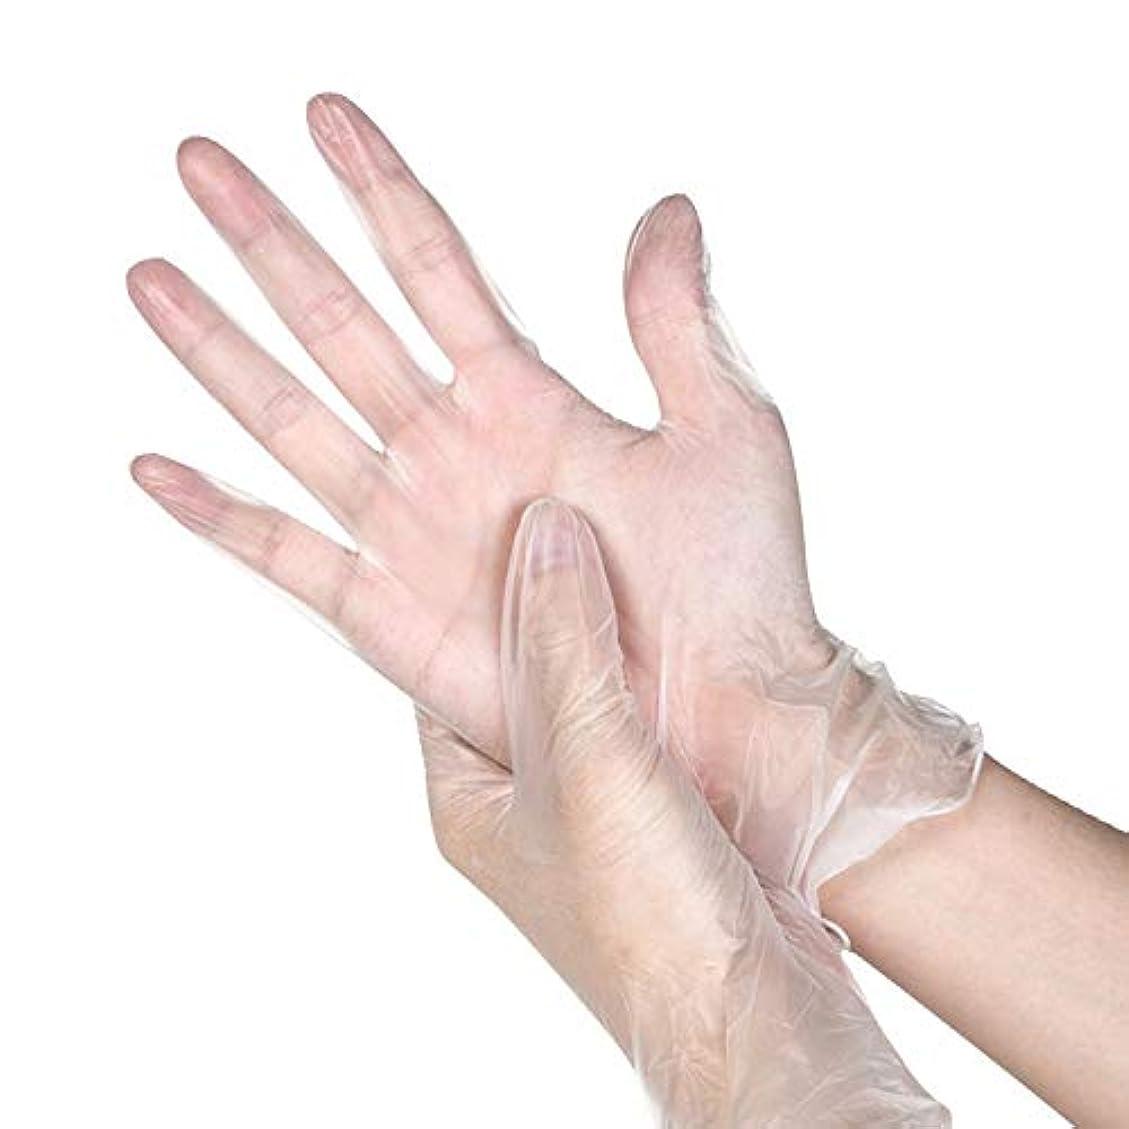 恨み深く政権100組の透明なポリ塩化ビニールの手袋粉のないA等級の防水および耐油の使い捨て可能な食糧美容院のビニールの手袋 YANW (色 : トランスペアレント, サイズ さいず : M m)